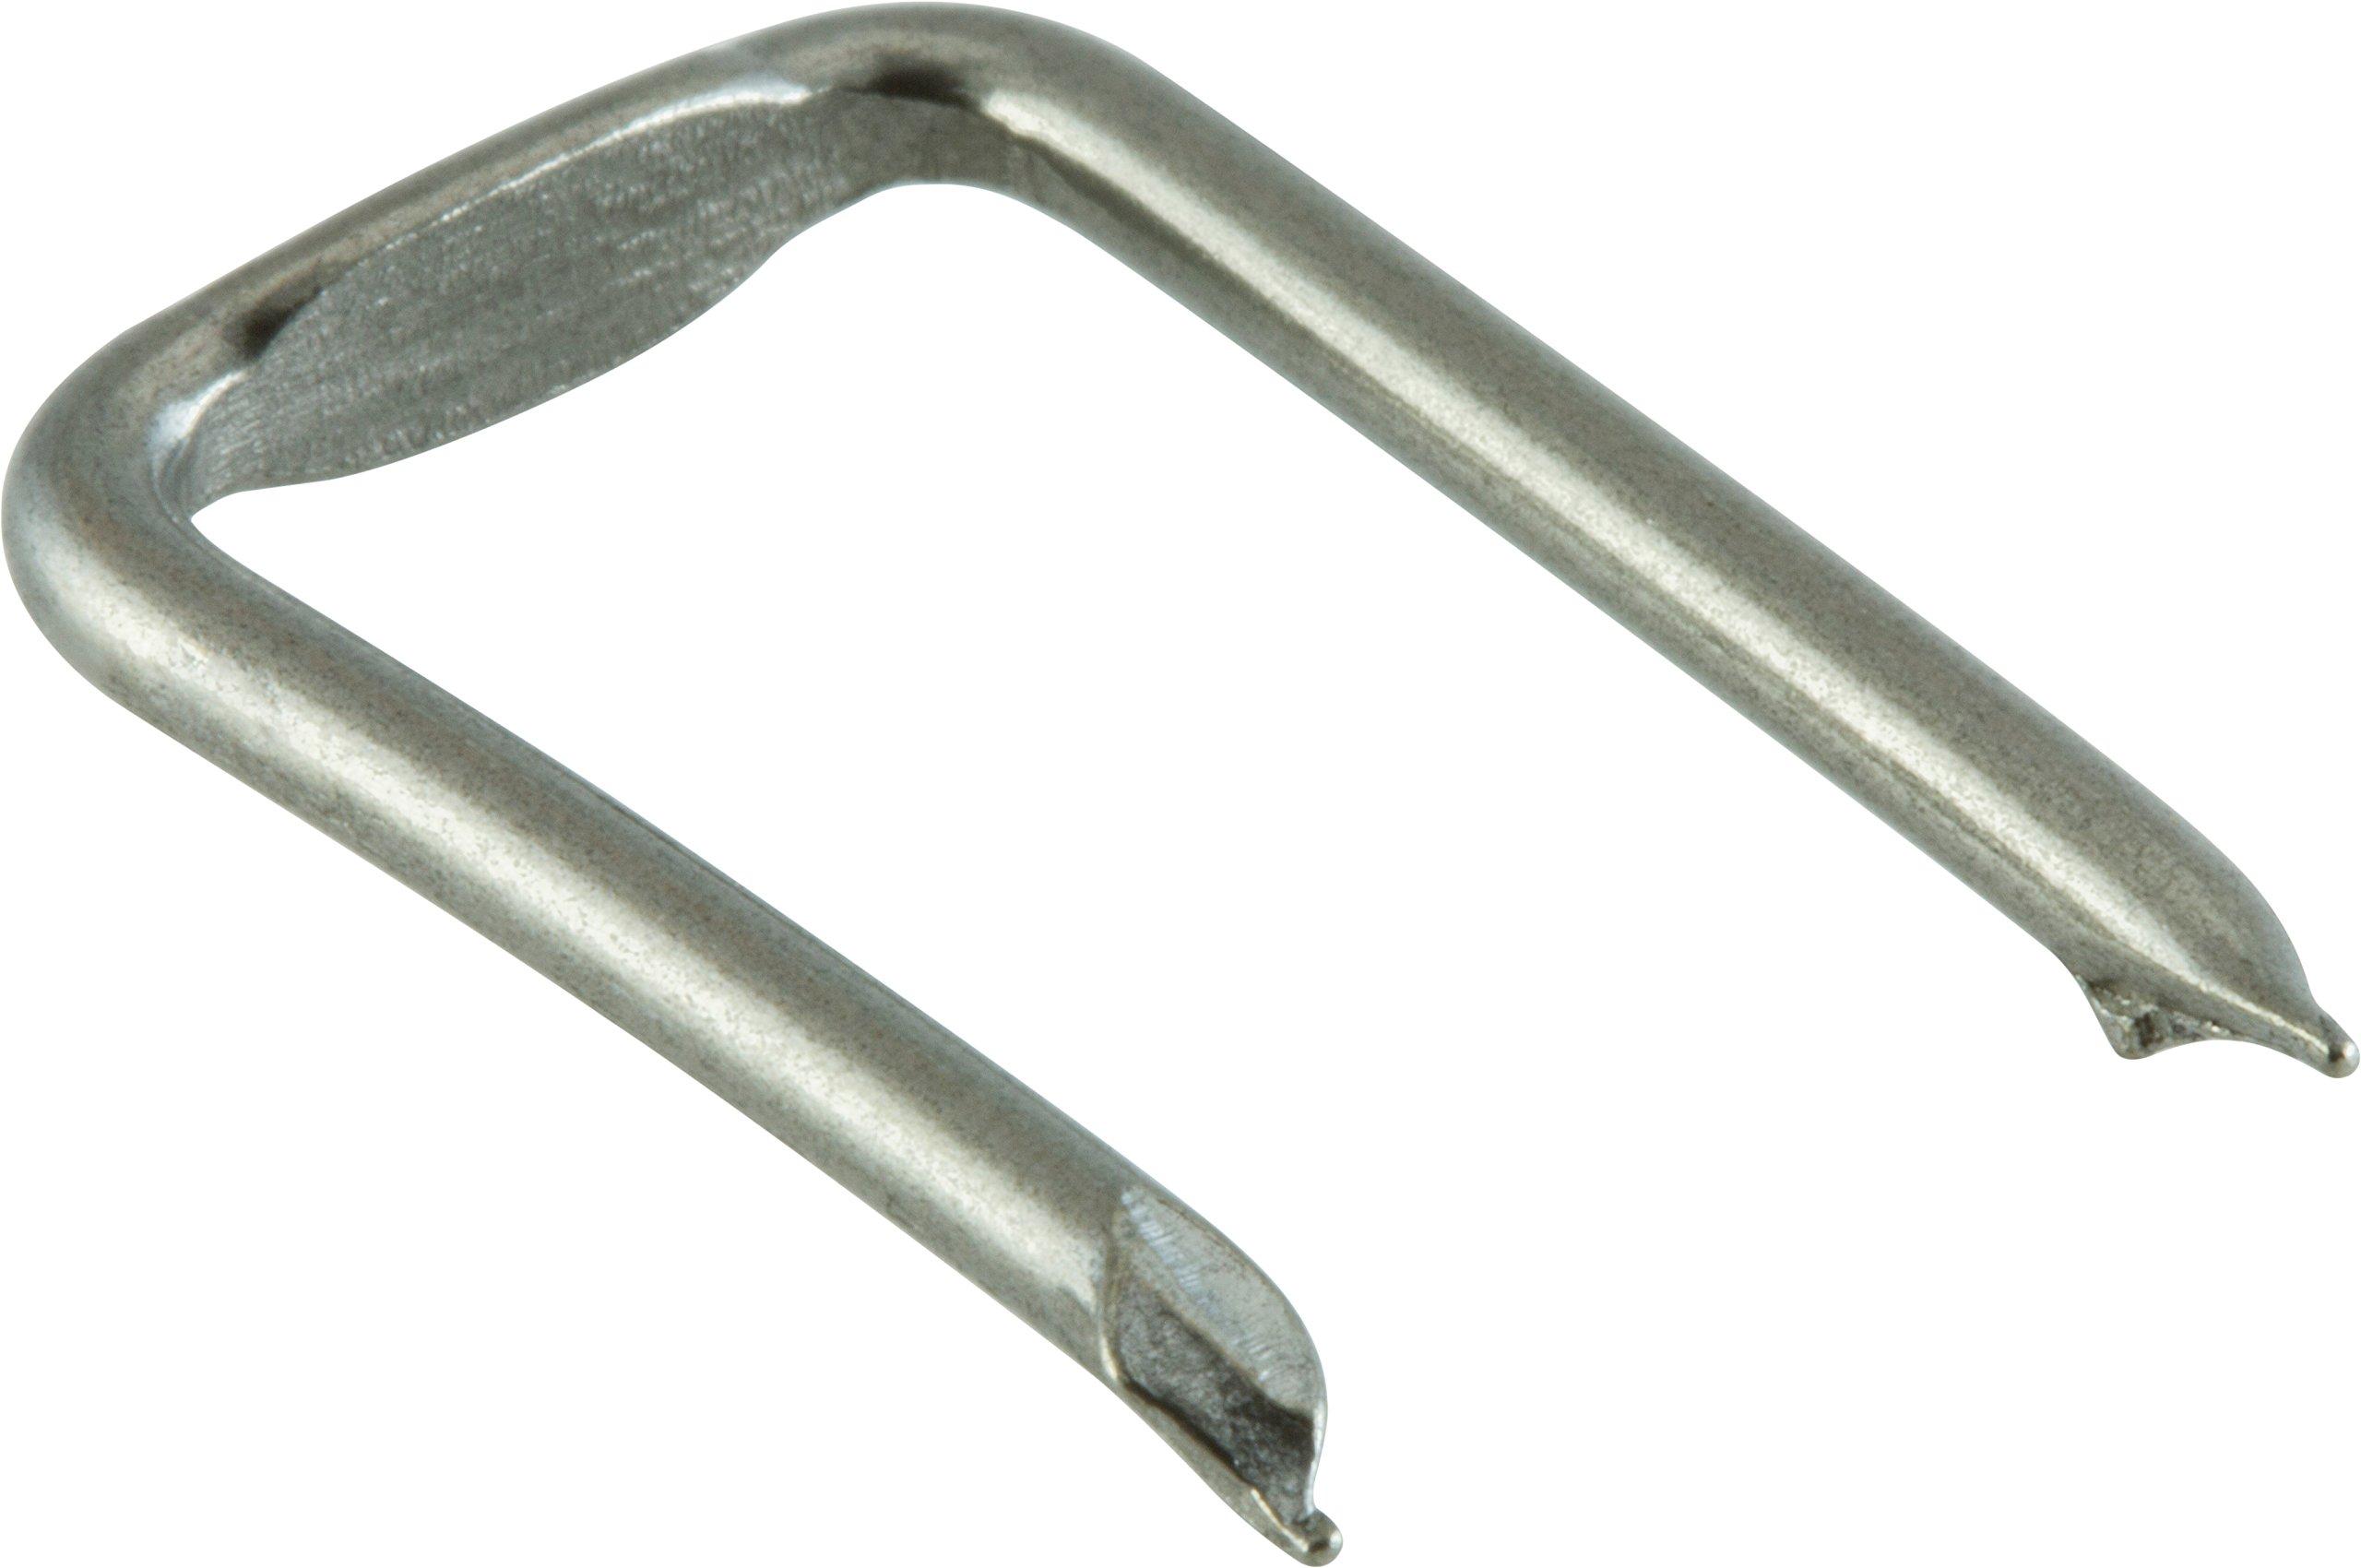 Power Gear Steel Staples (Pack of 50), 52127